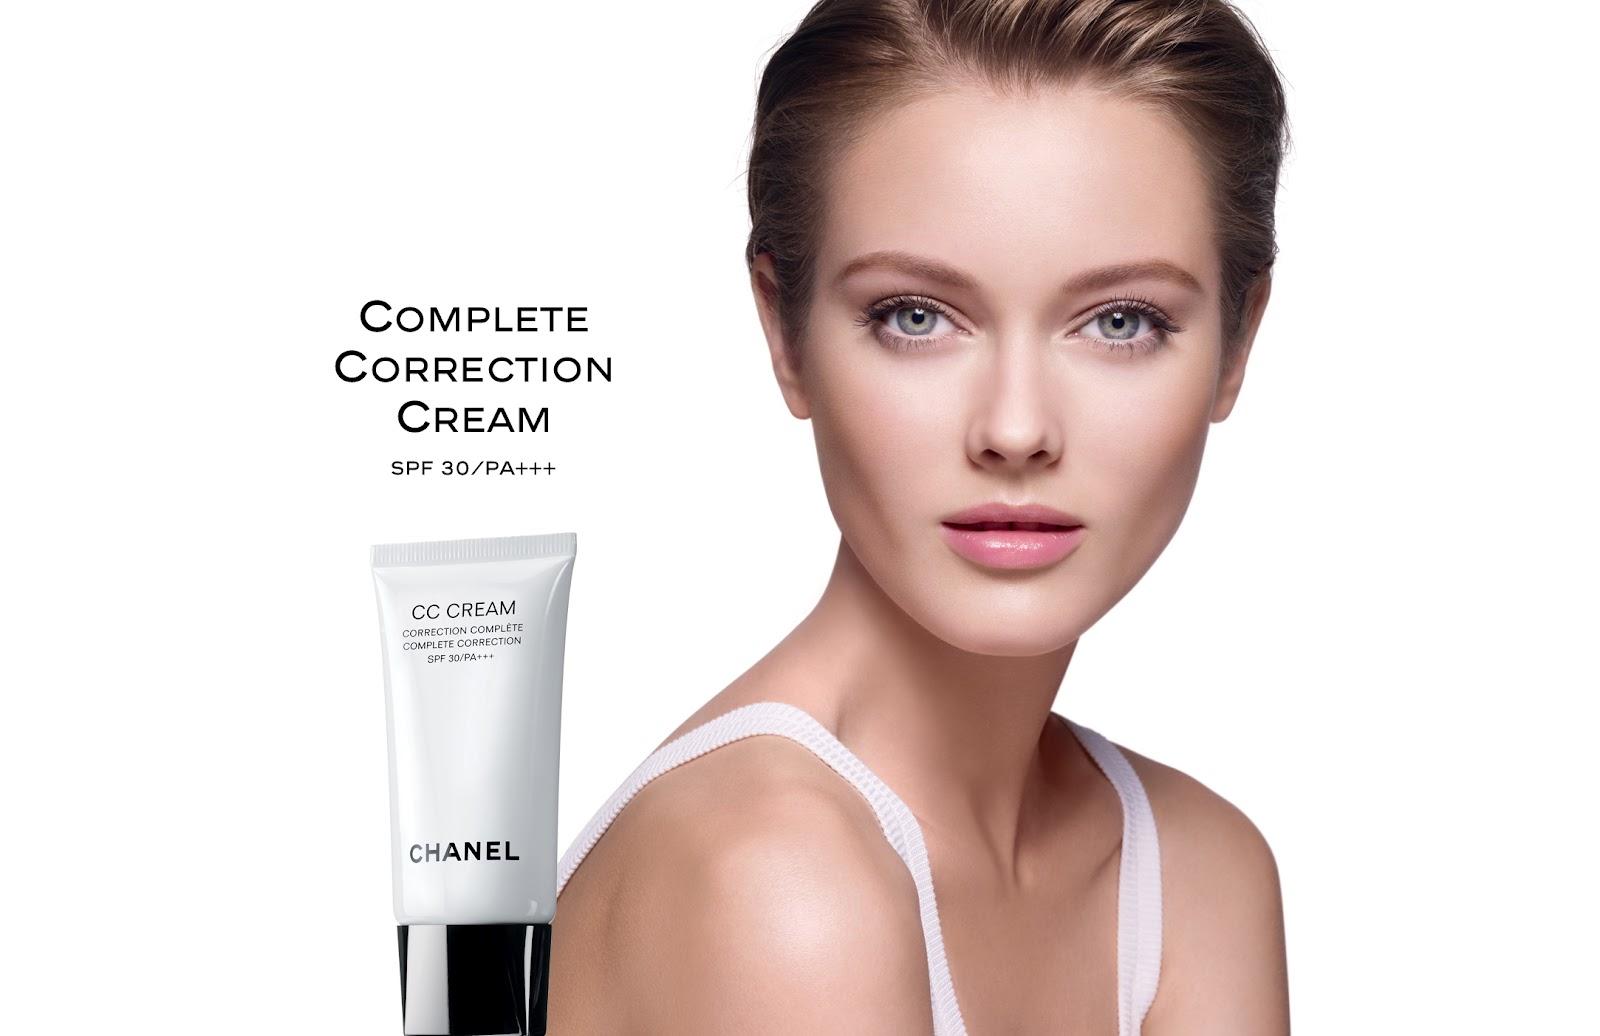 シャネルの化粧品は優秀!化粧下地や優秀アイテム大公開!!のサムネイル画像